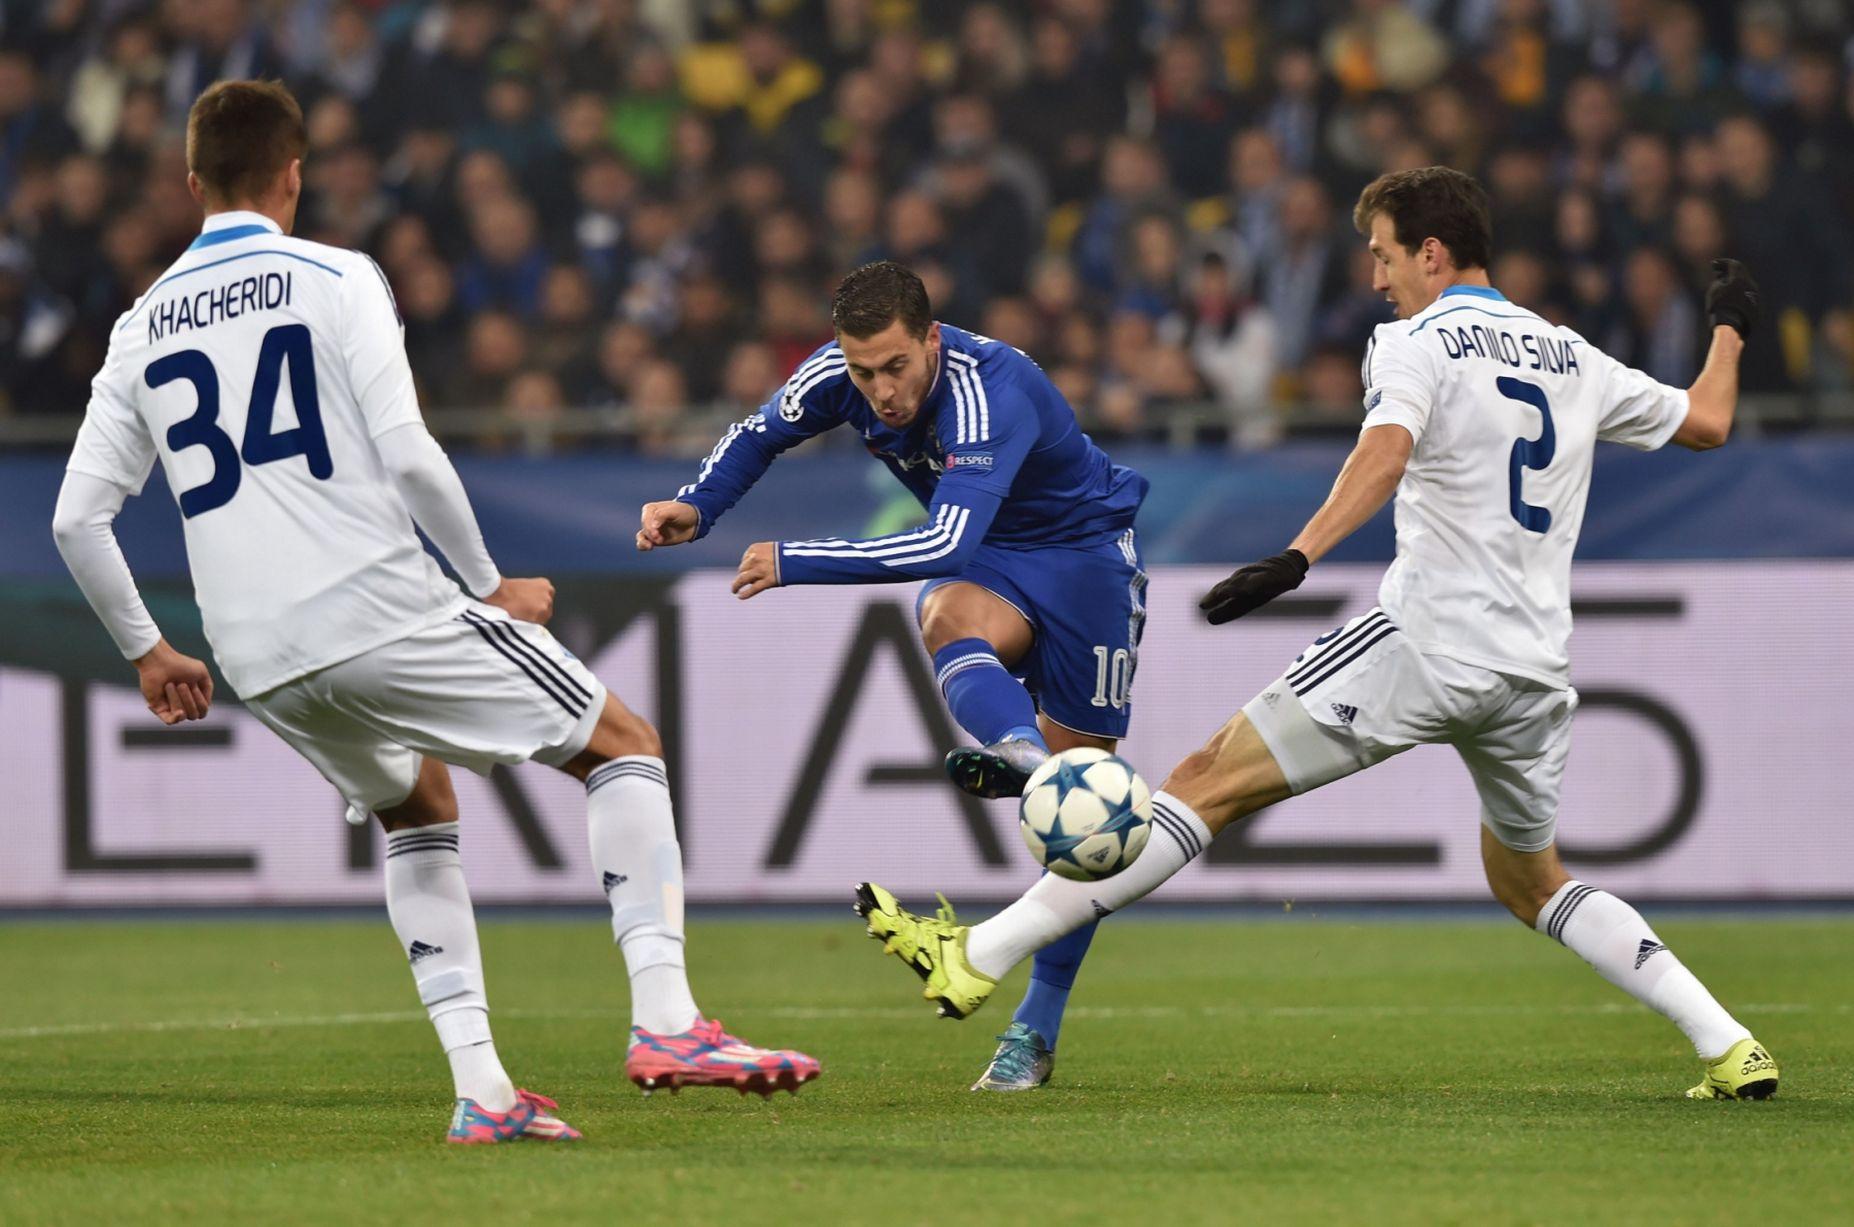 Ponturi pariuri – Chelsea vs Dynamo Kiev – Champions League